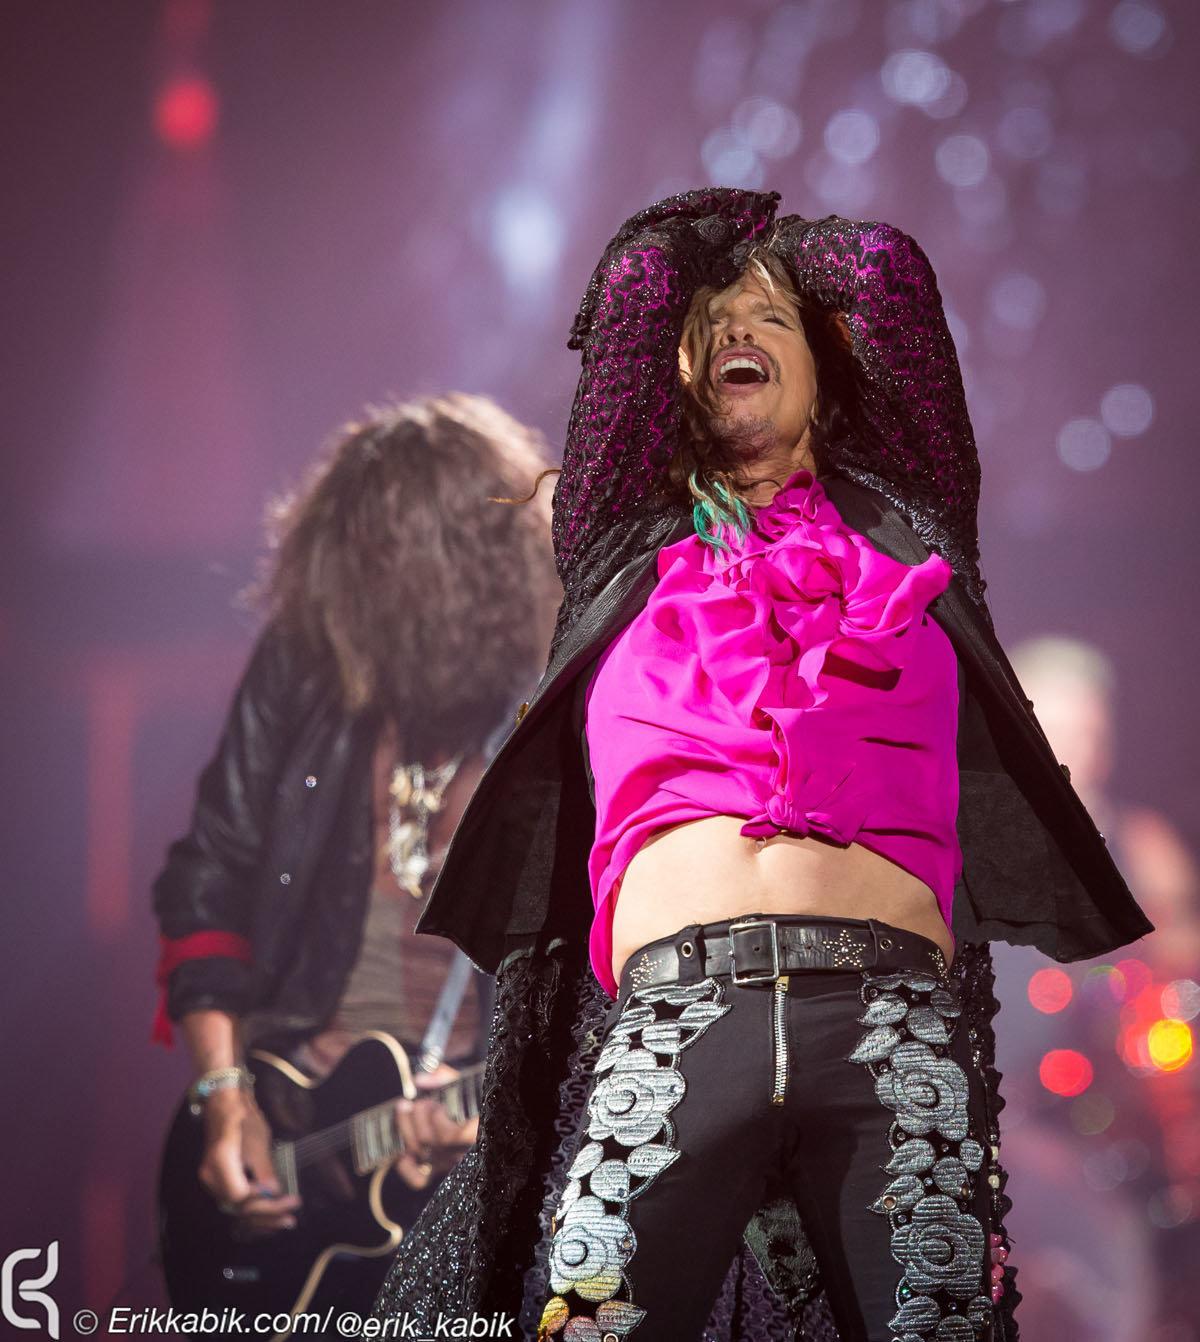 08_01_15_Aerosmith_MGM_kabik-107.jpg